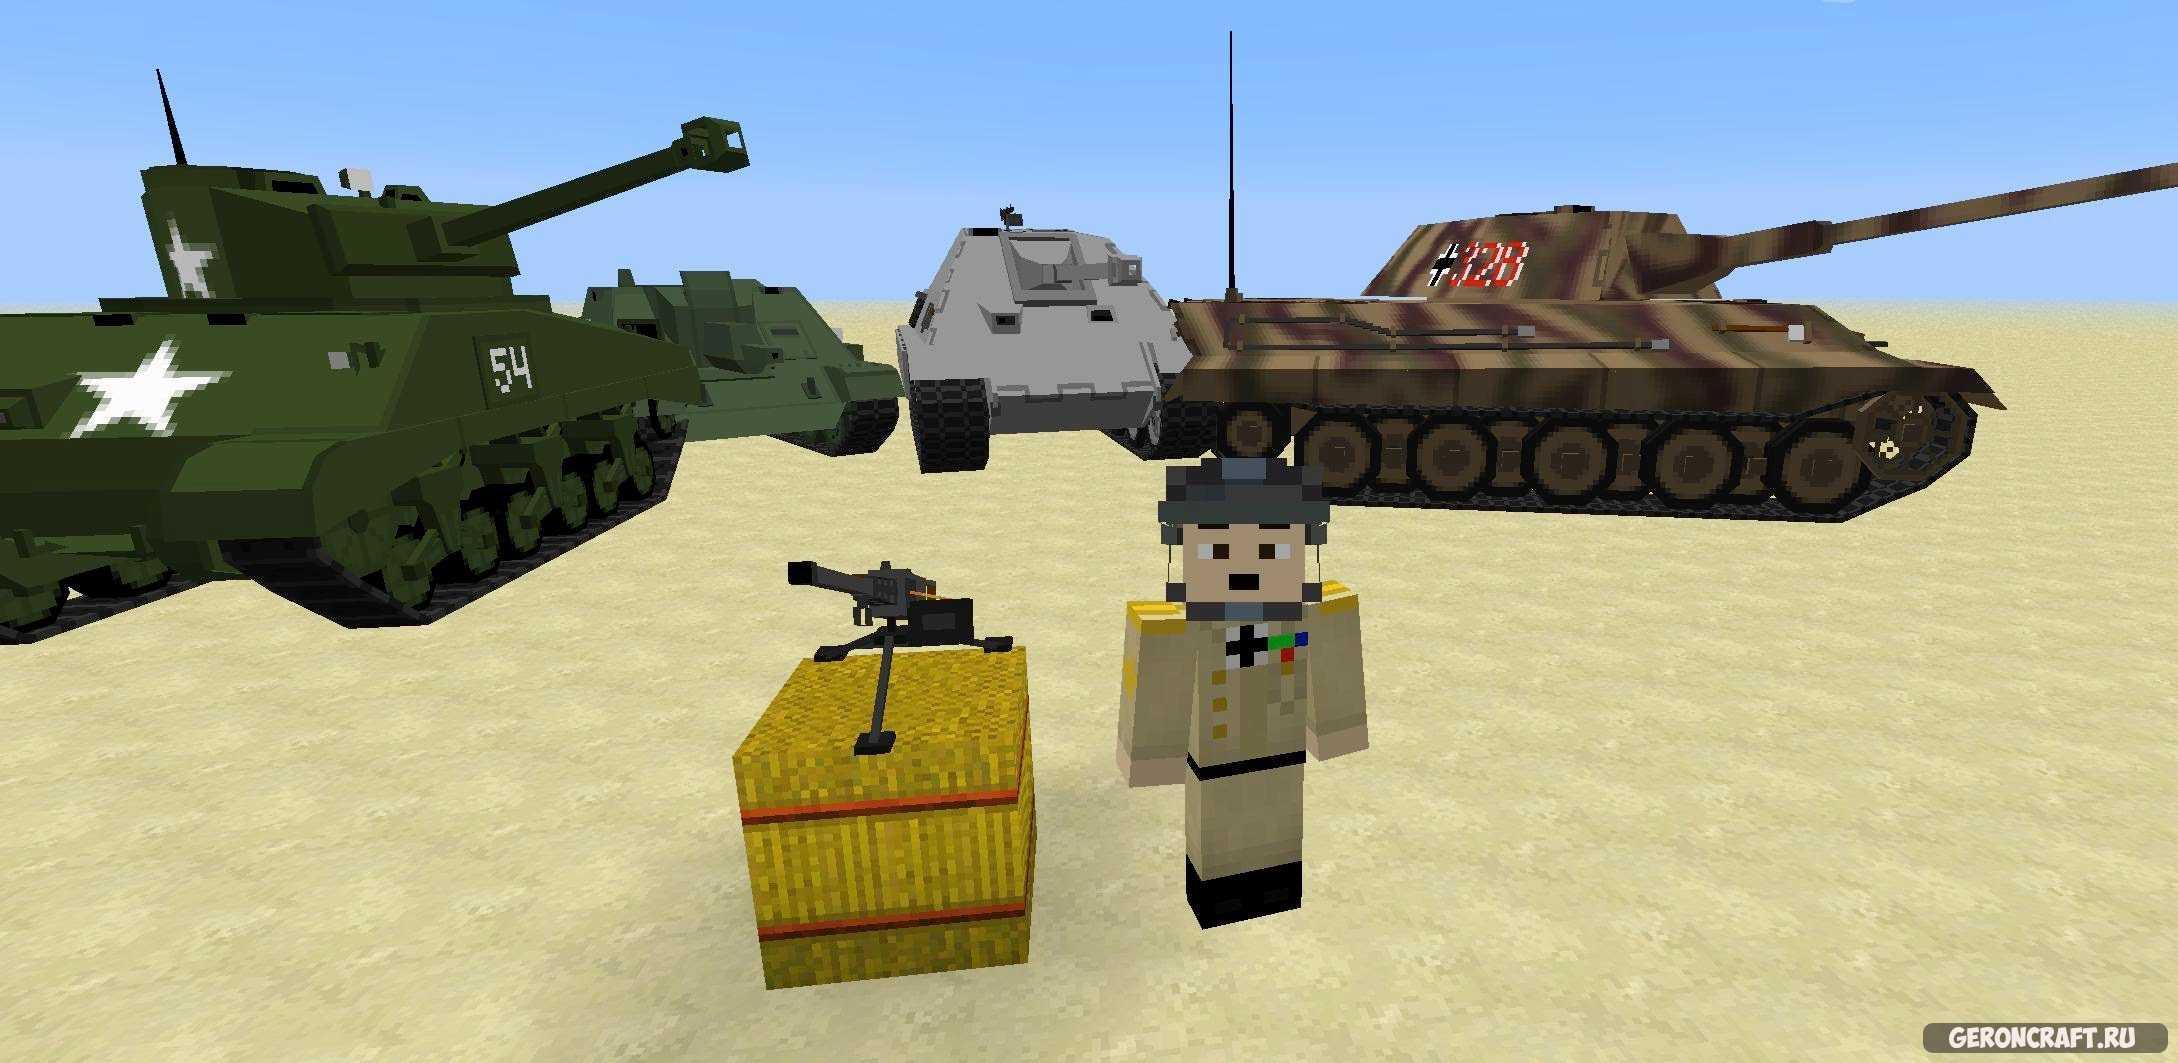 моды на танки для майнкрафт 1.7.10 #2